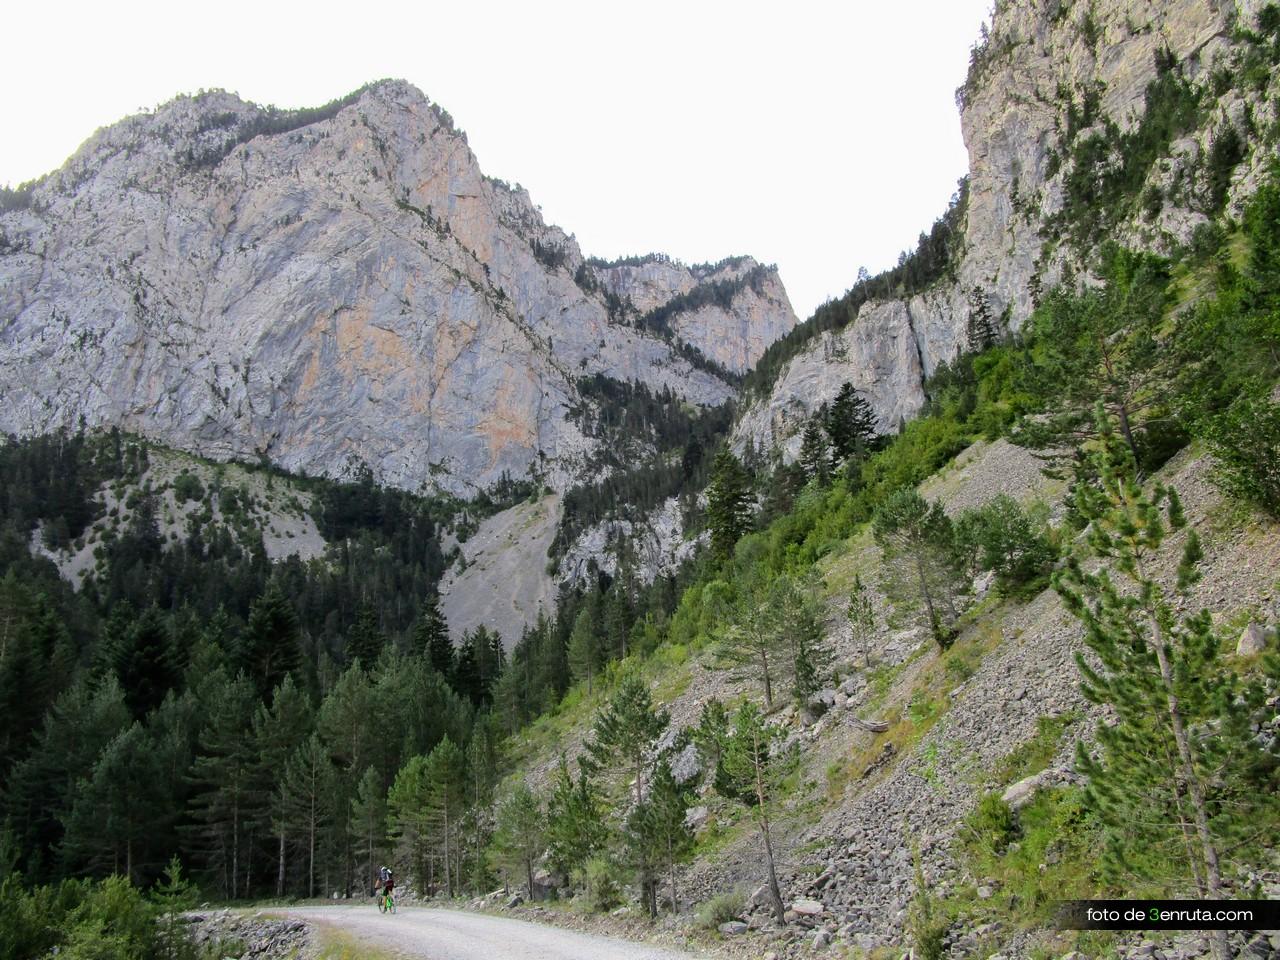 El paisaje alpino que nos rodea es precioso